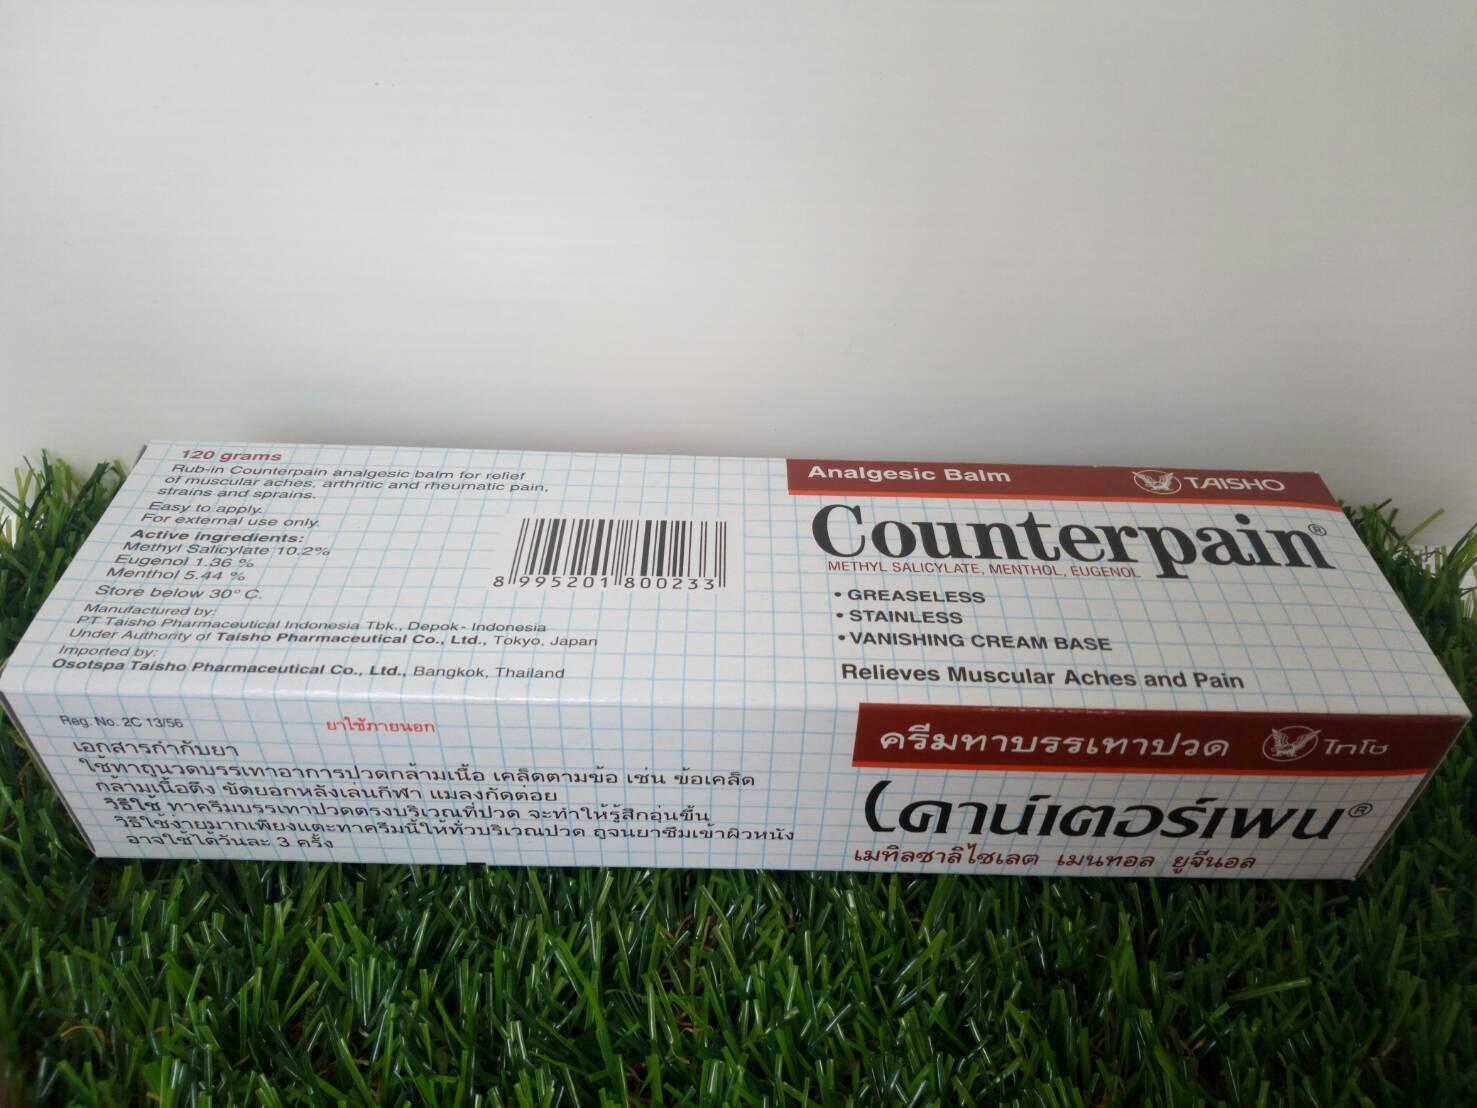 Counterpain Cream 120gr Daftar Harga Terkini Dan Terlengkap Indonesia Hot Taisho 6x 120g Analgesic Balm Massage Relieves Muscular Ache Pain Ebay